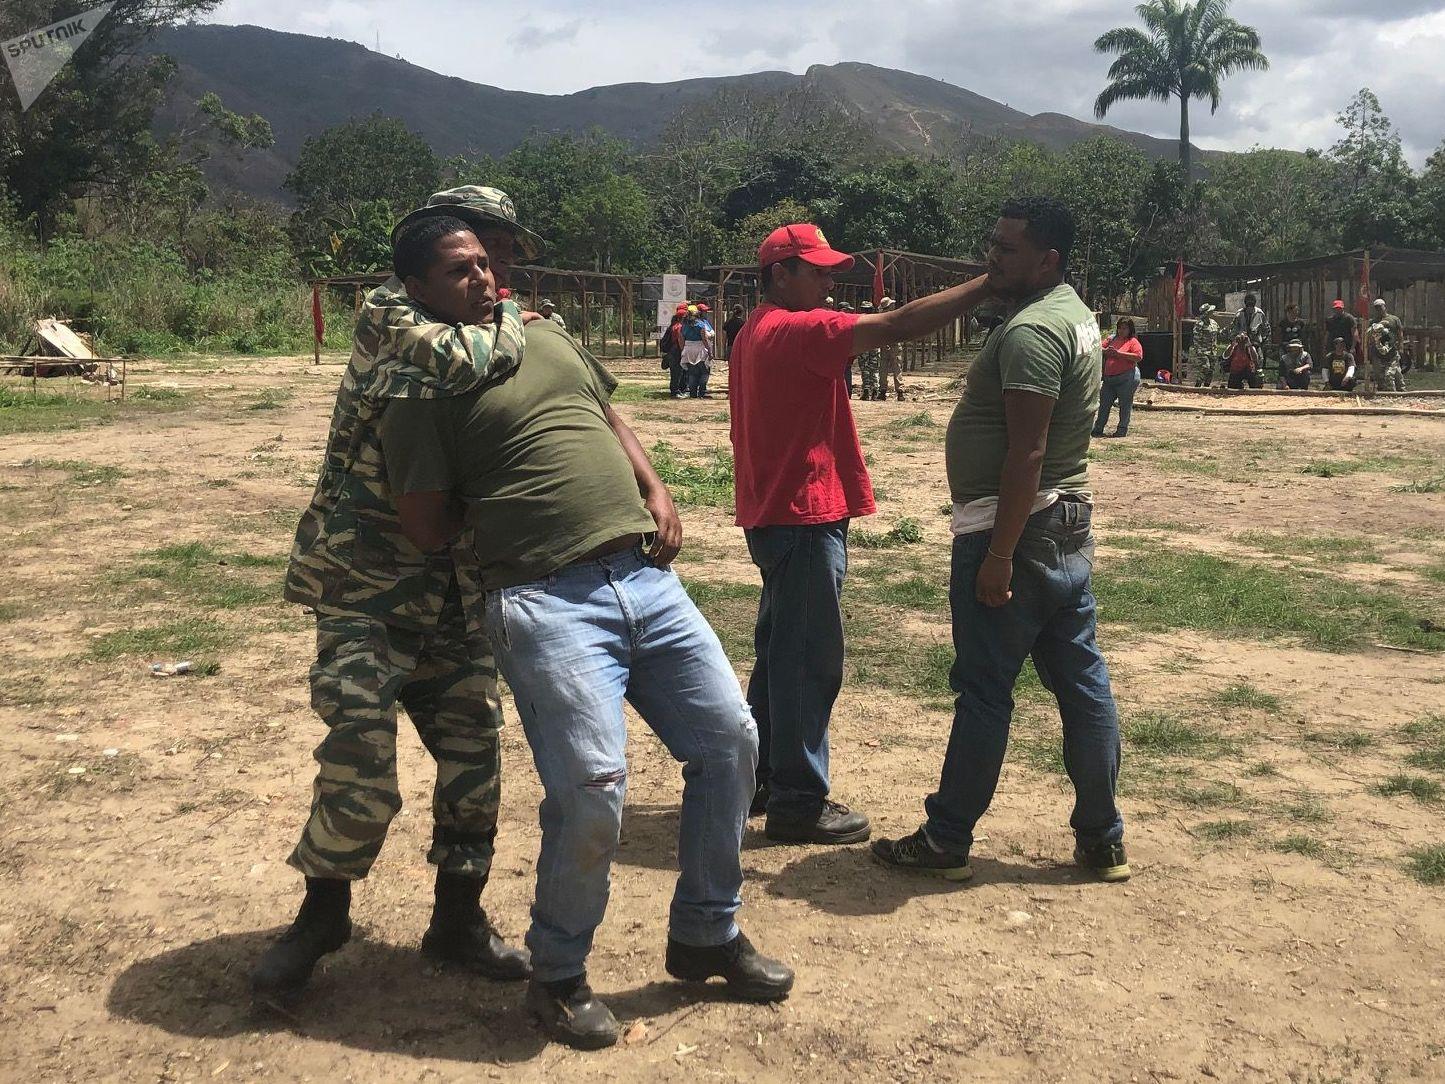 Técnicas de combate, como mover-se, como saber onde parar em uma guerra: estas coisas são aprendidas no Método Táctico de Resistência Revolucionária